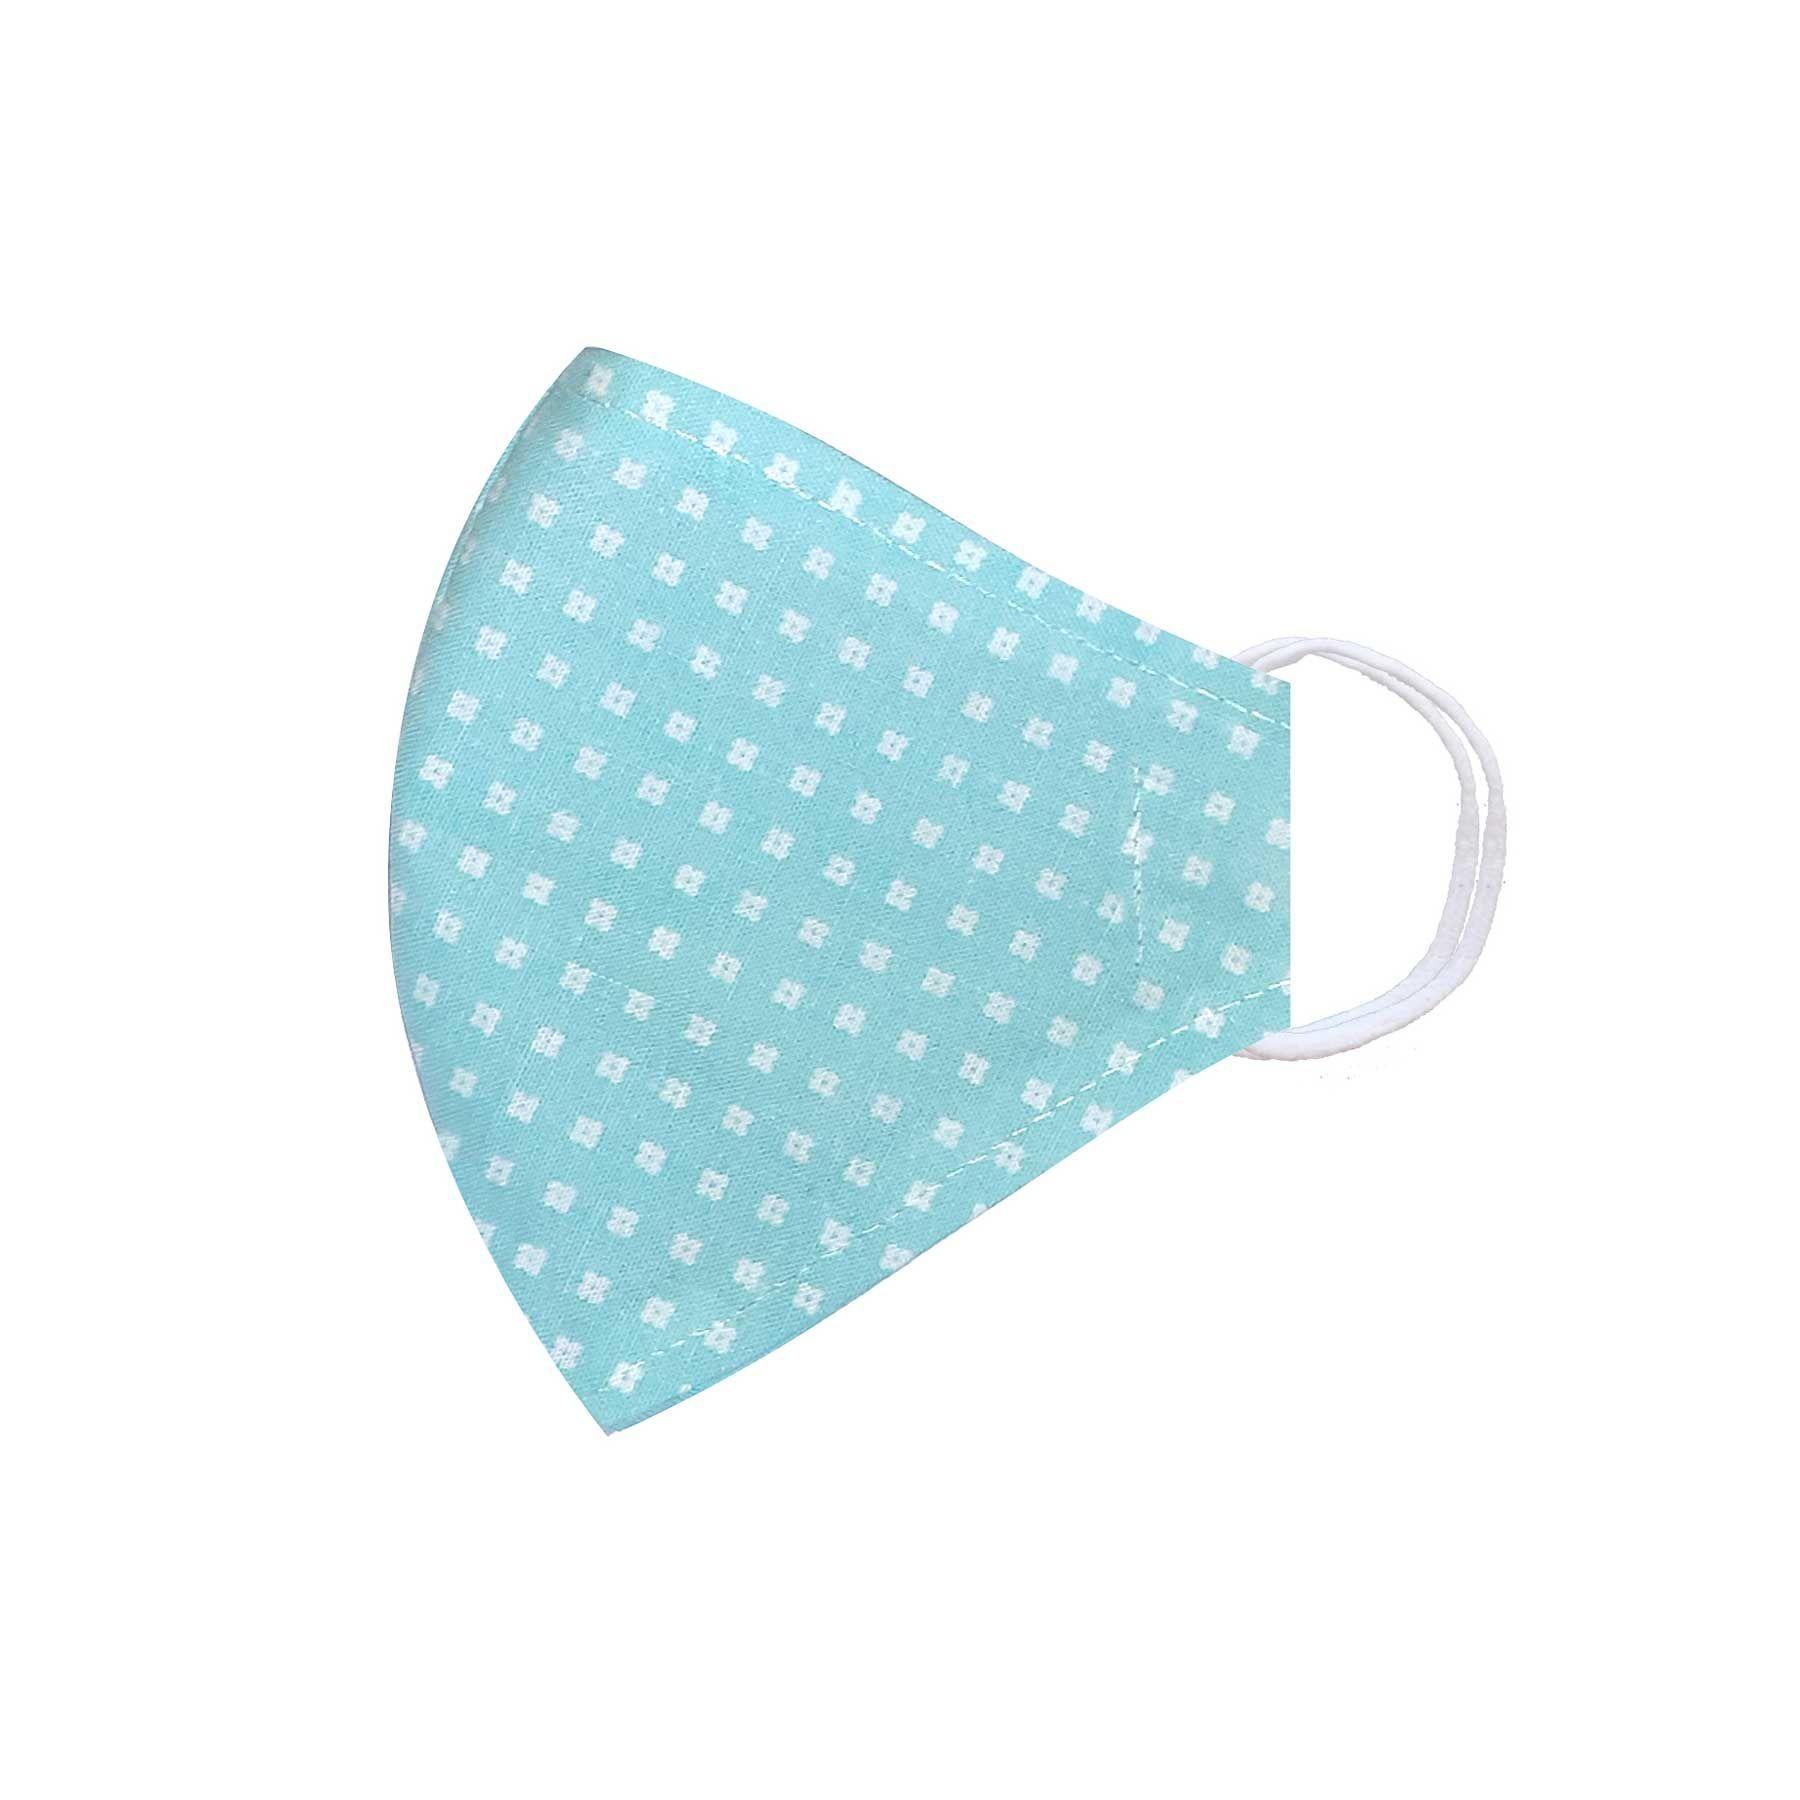 Módní třívrstvé bavlněné ústní roušky tvarované, světle modrá s bílými kytičkami s gumičkami dětské